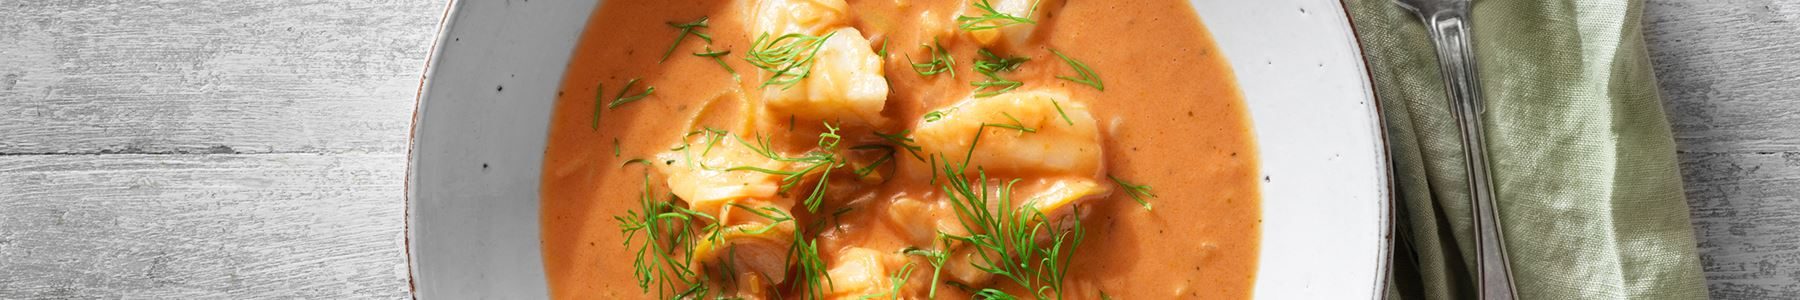 Fisksoppa till huvudrätt